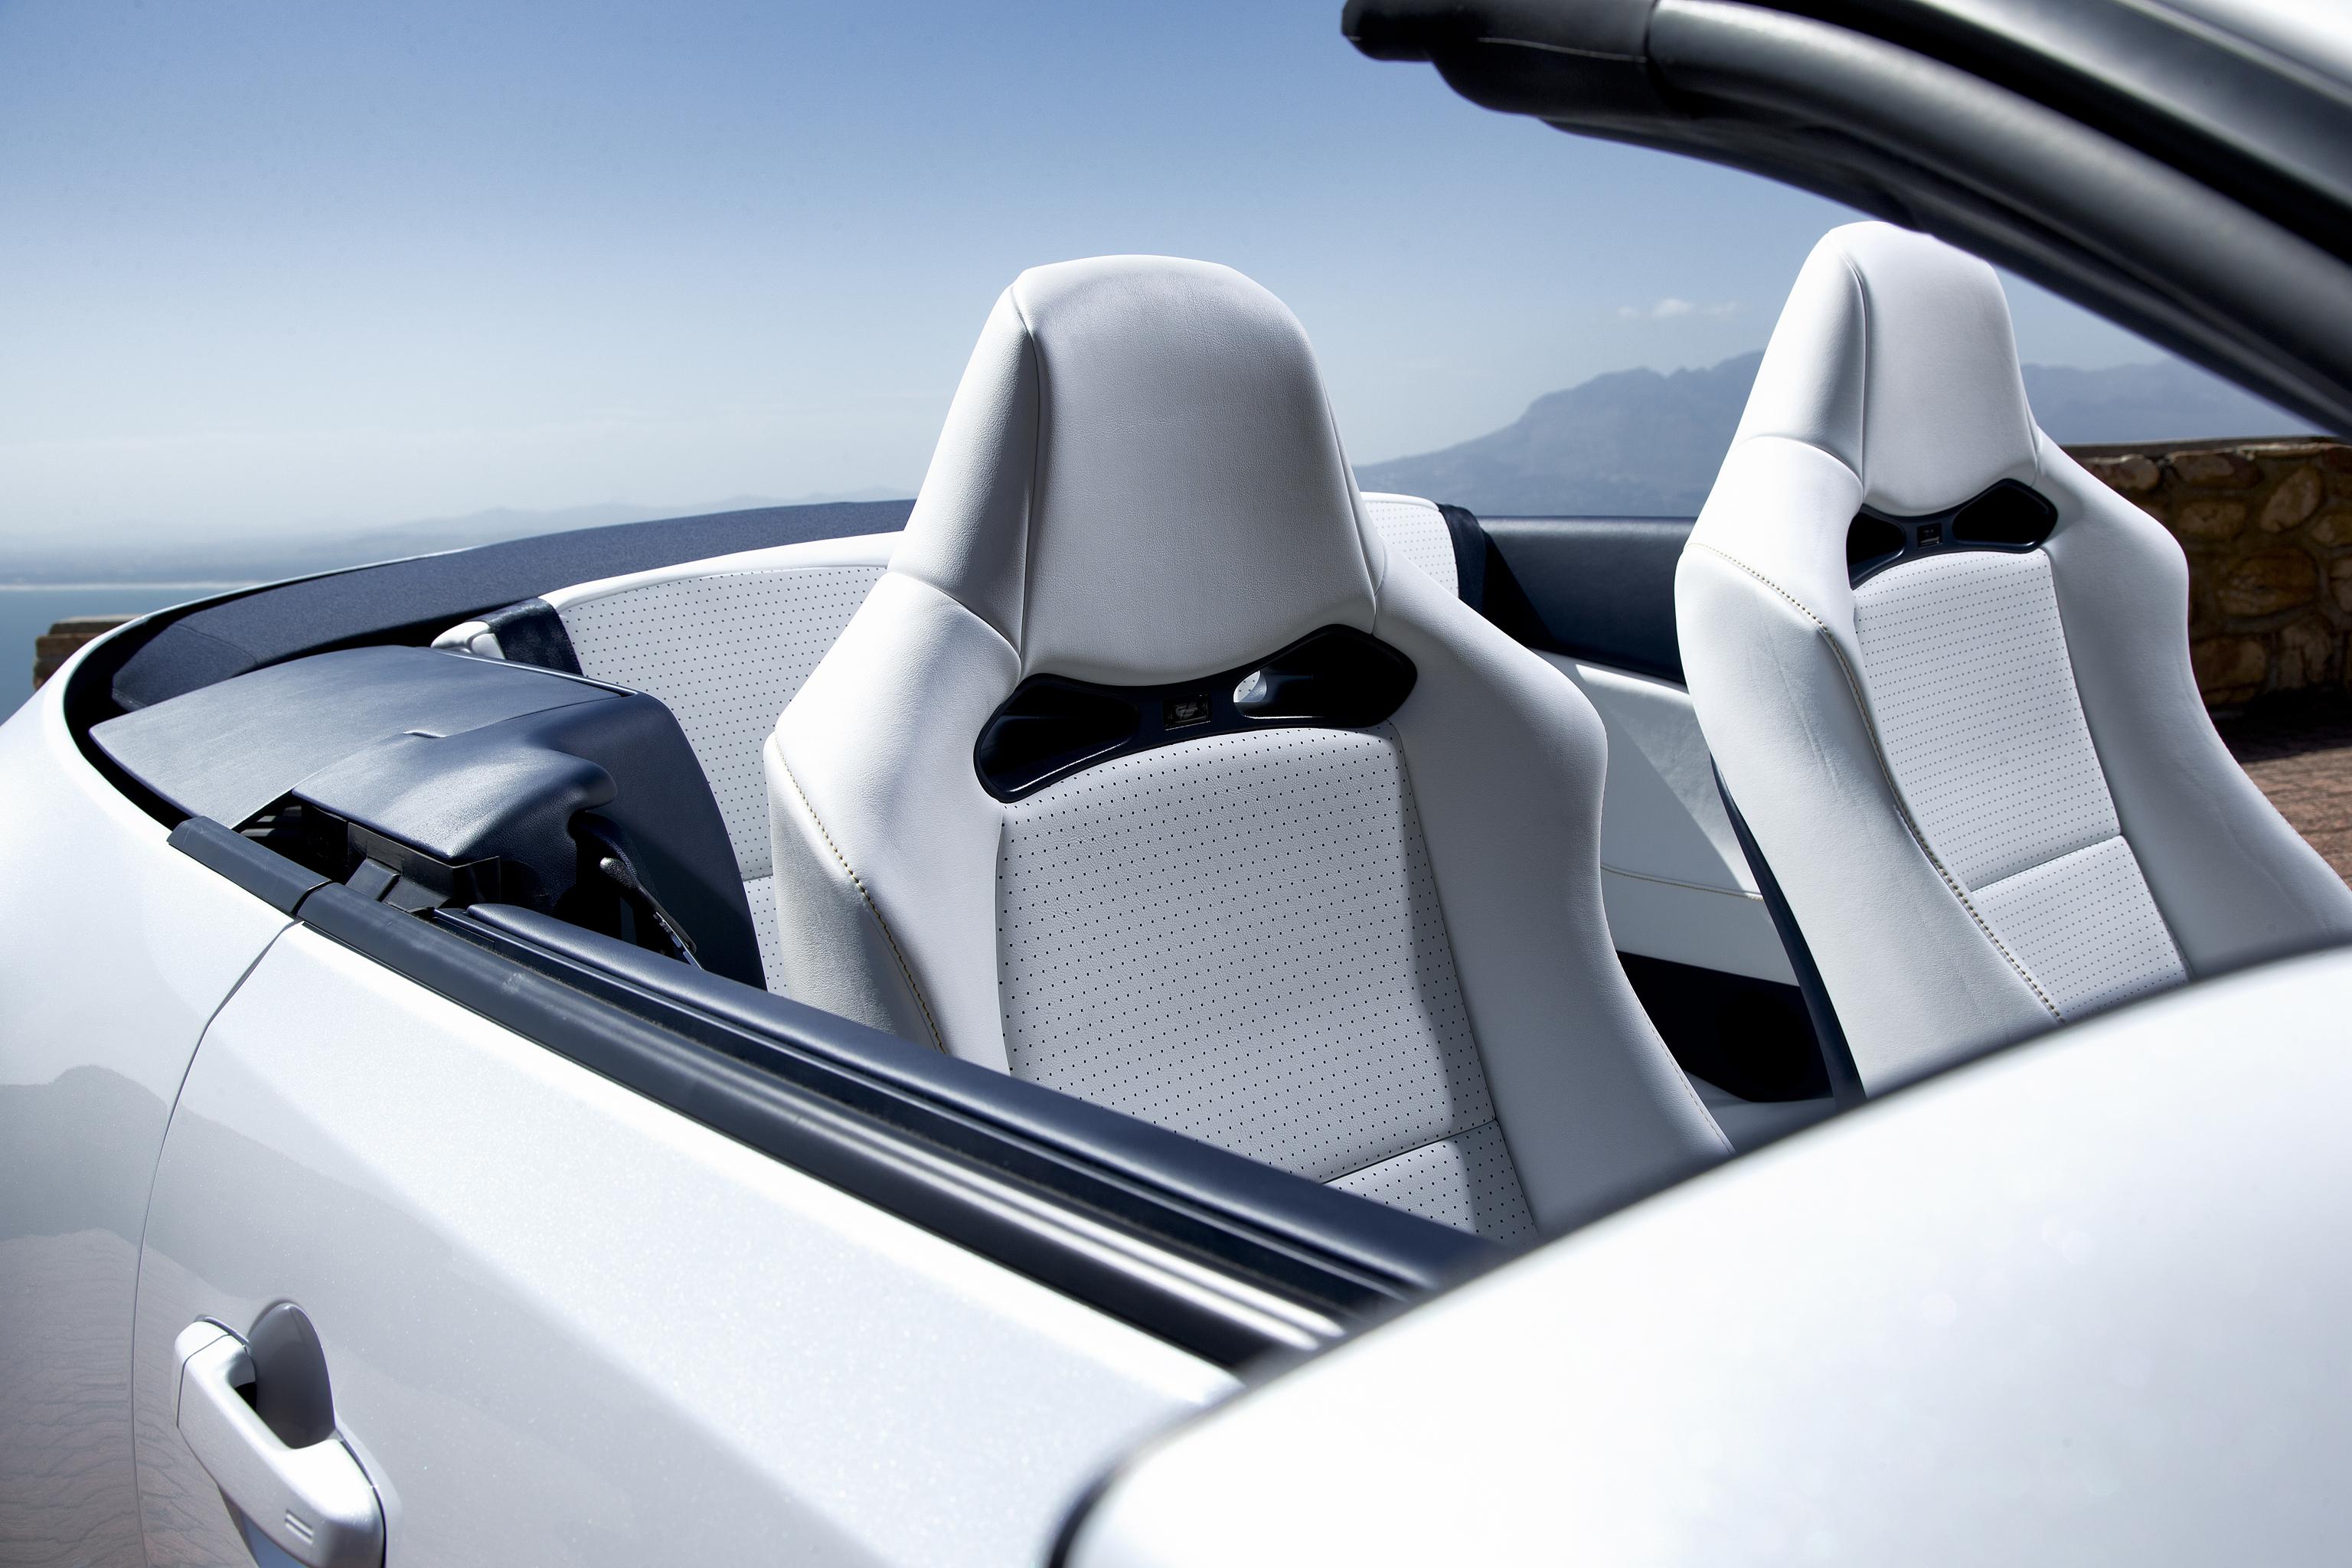 http://images.caradisiac.com/images/4/8/6/3/84863/S0-Salon-de-Geneve-2013-Le-concept-Toyota-FT-86-Open-se-montre-286785.jpg